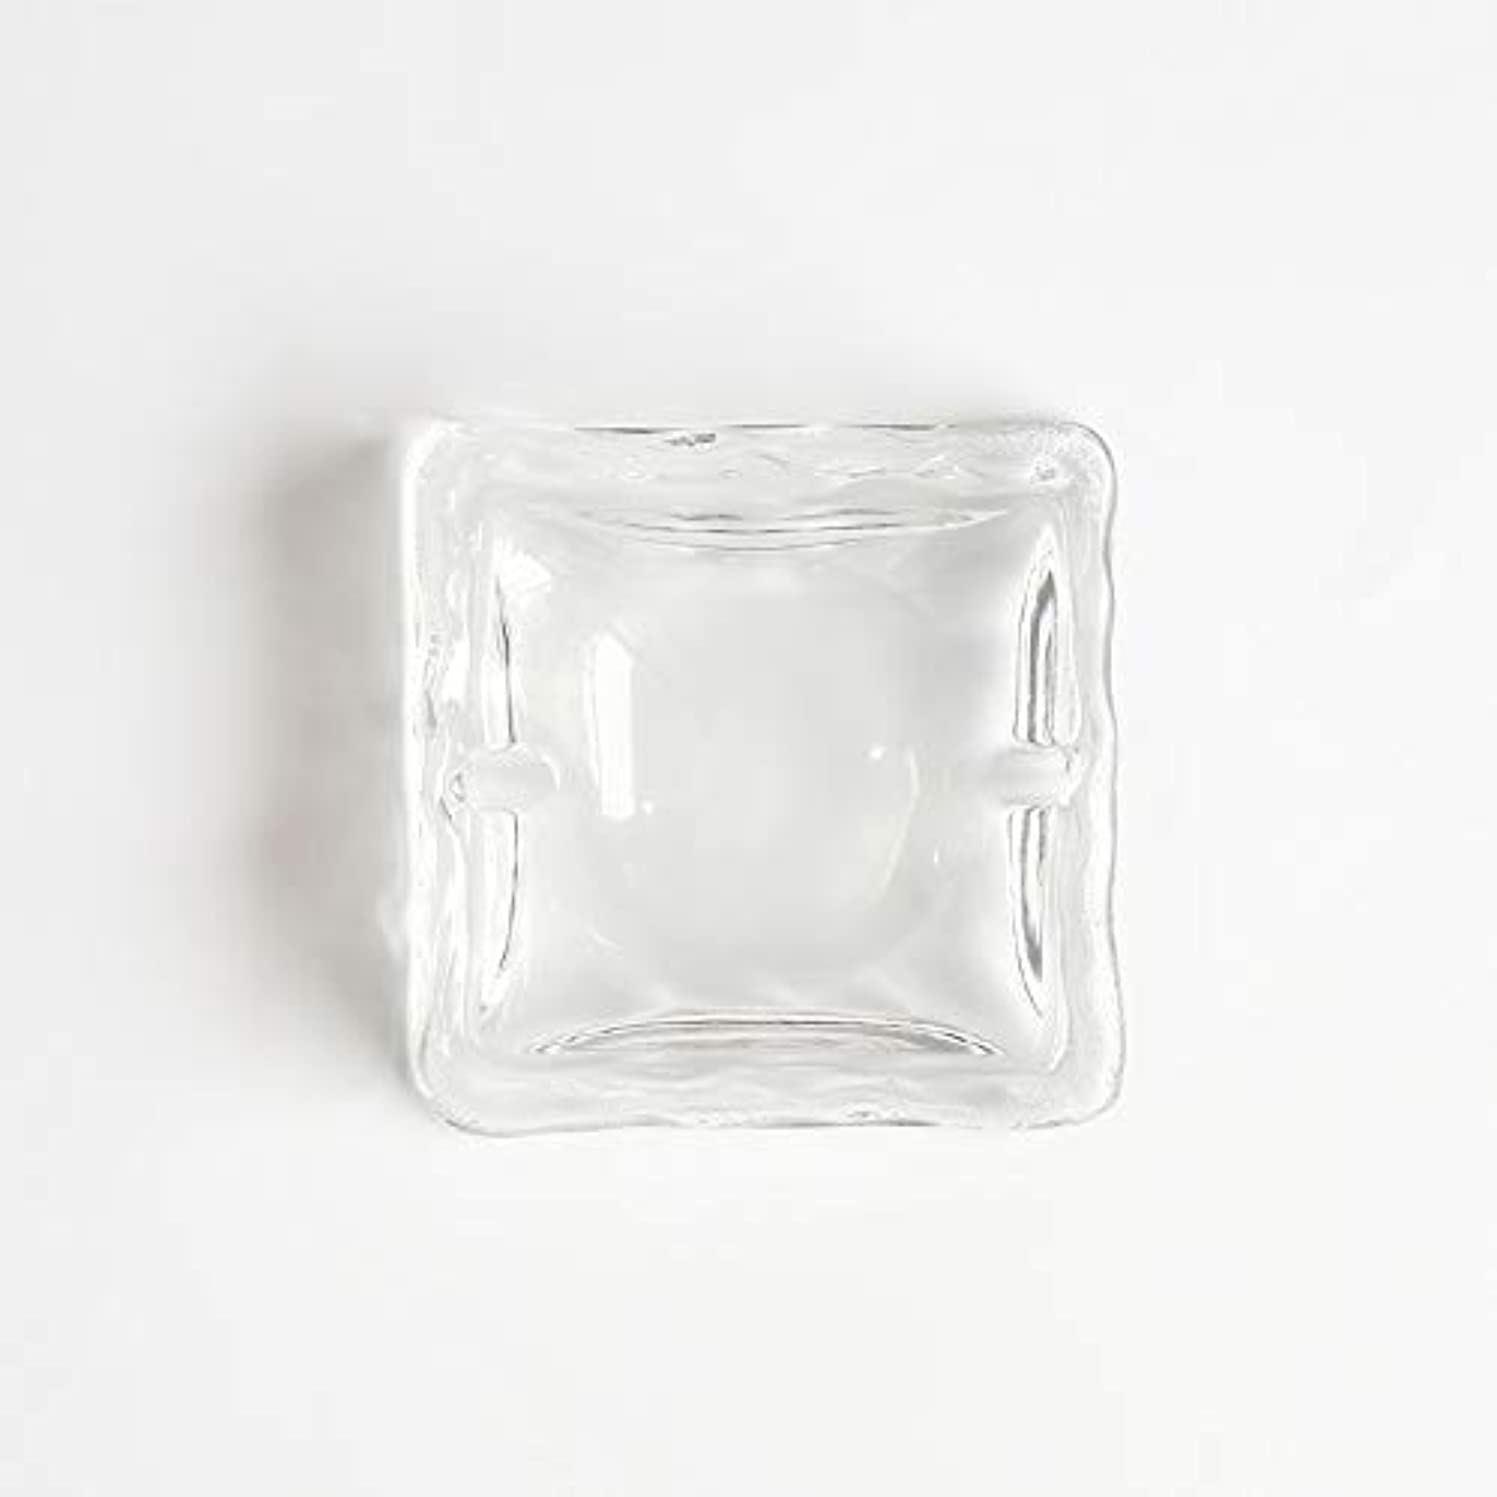 酸度ラインナップ先にクリエイティブ屋外セラミックス灰皿ホームオフィスの卓上美しい装飾工芸品 (色 : クリア)